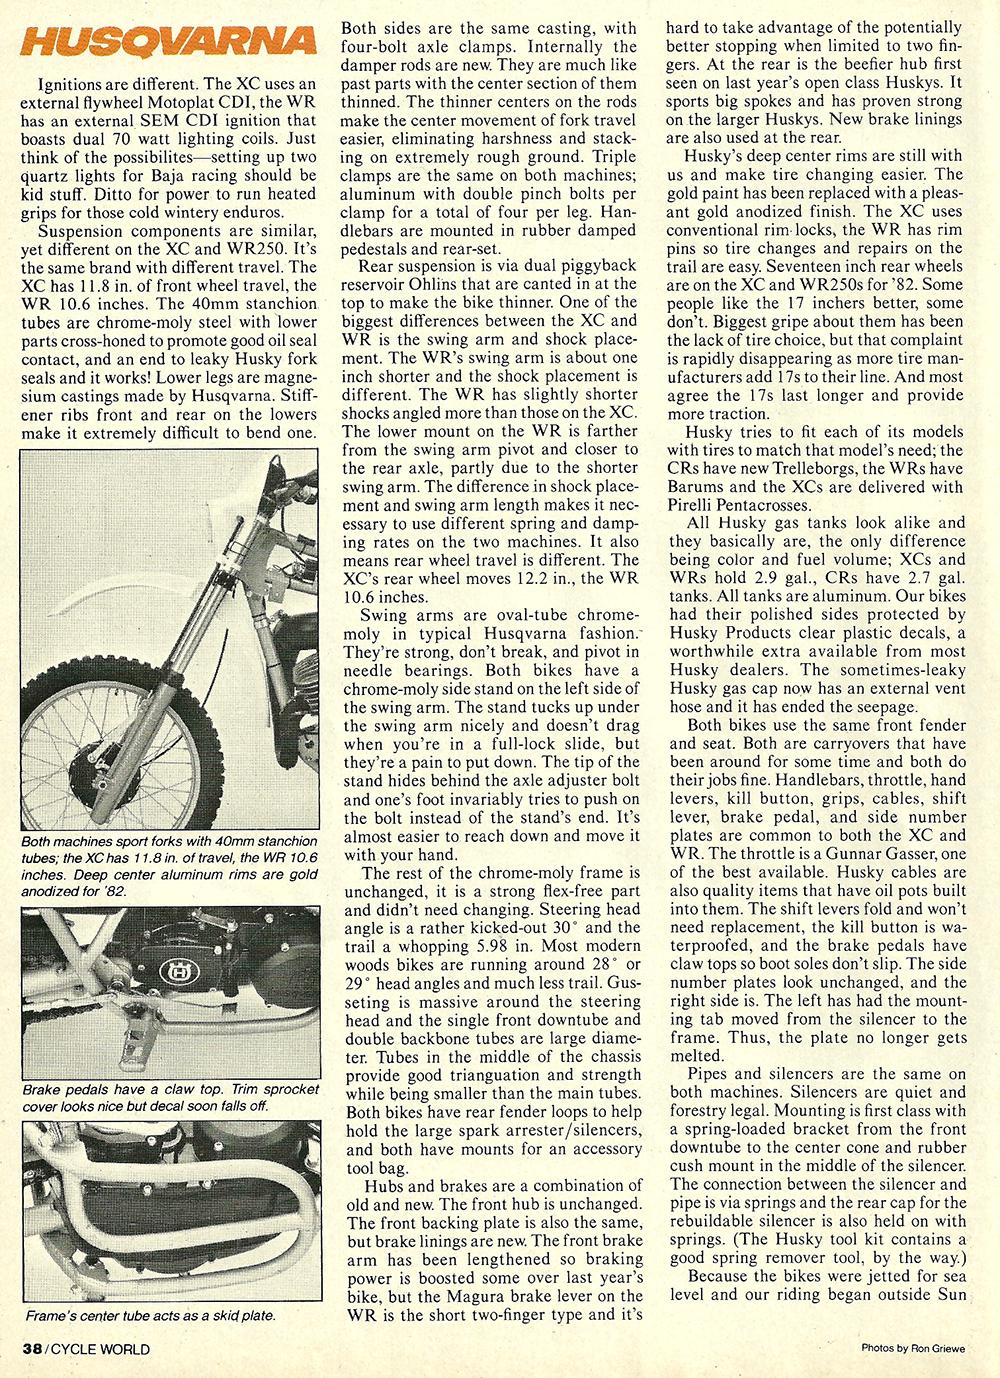 1982 Husqvarna XC250 WR250 road test 3.jpg